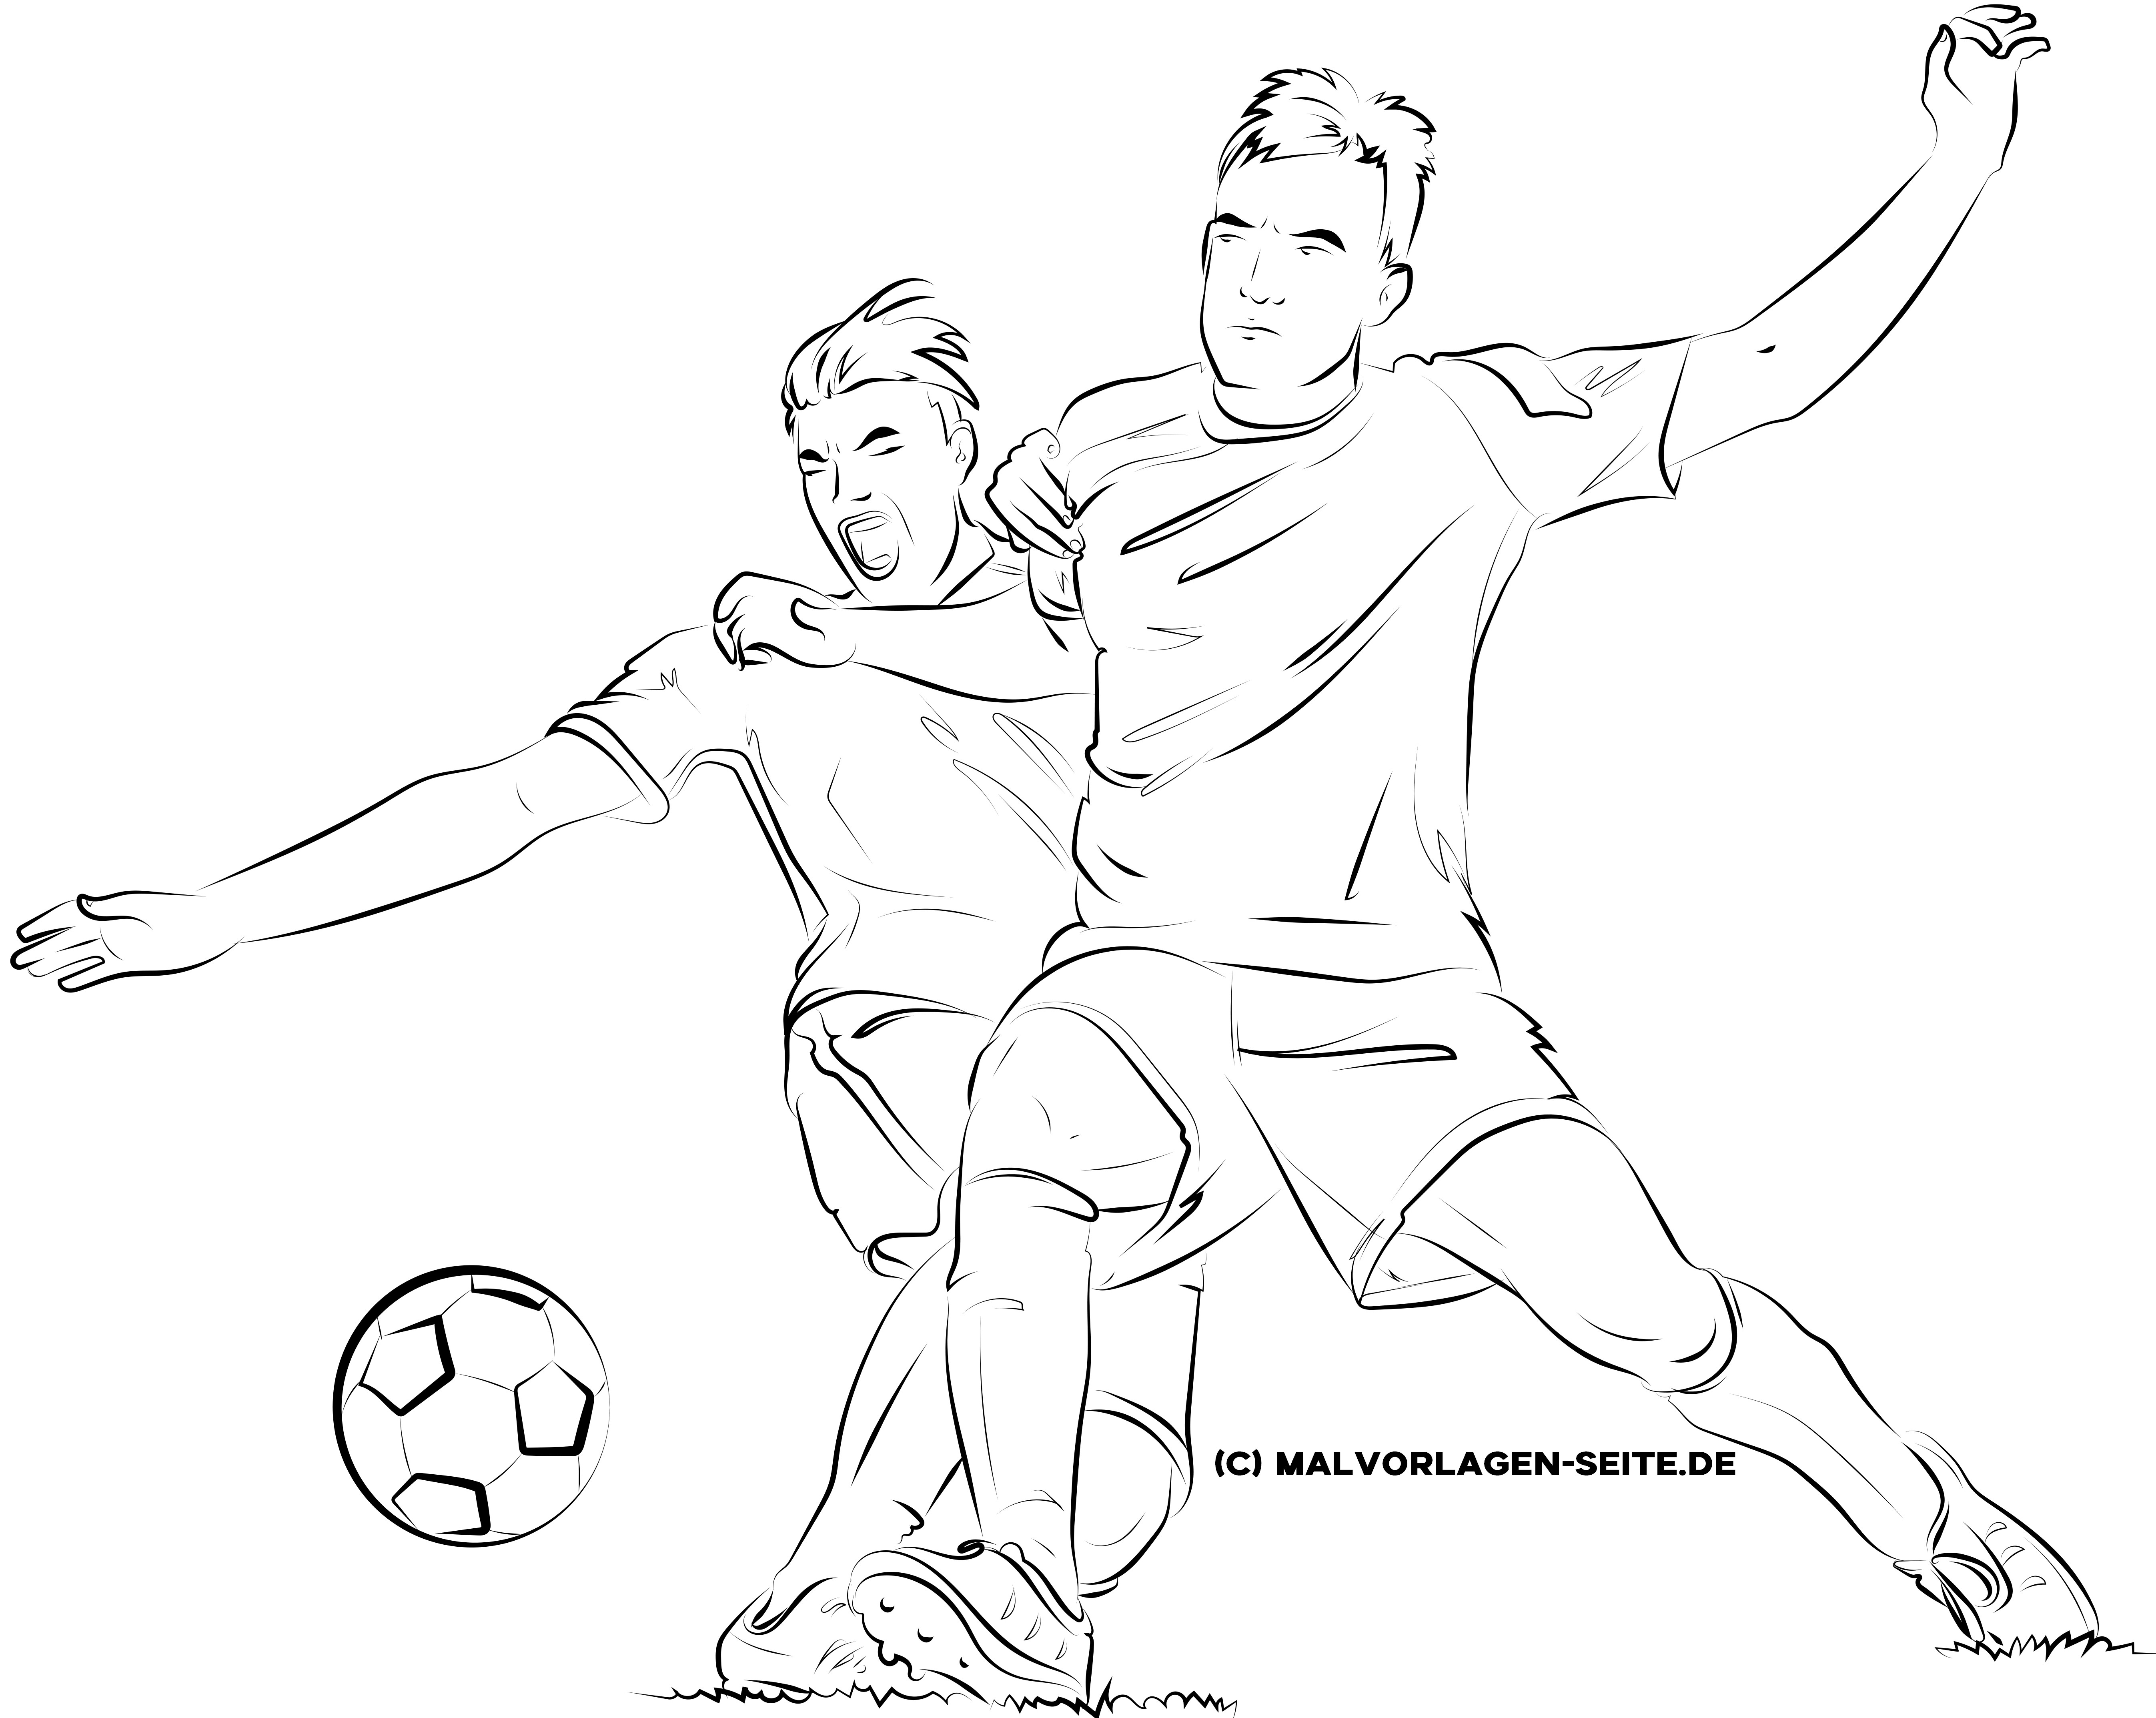 Malvorlage Fussball Fur Erwachsene